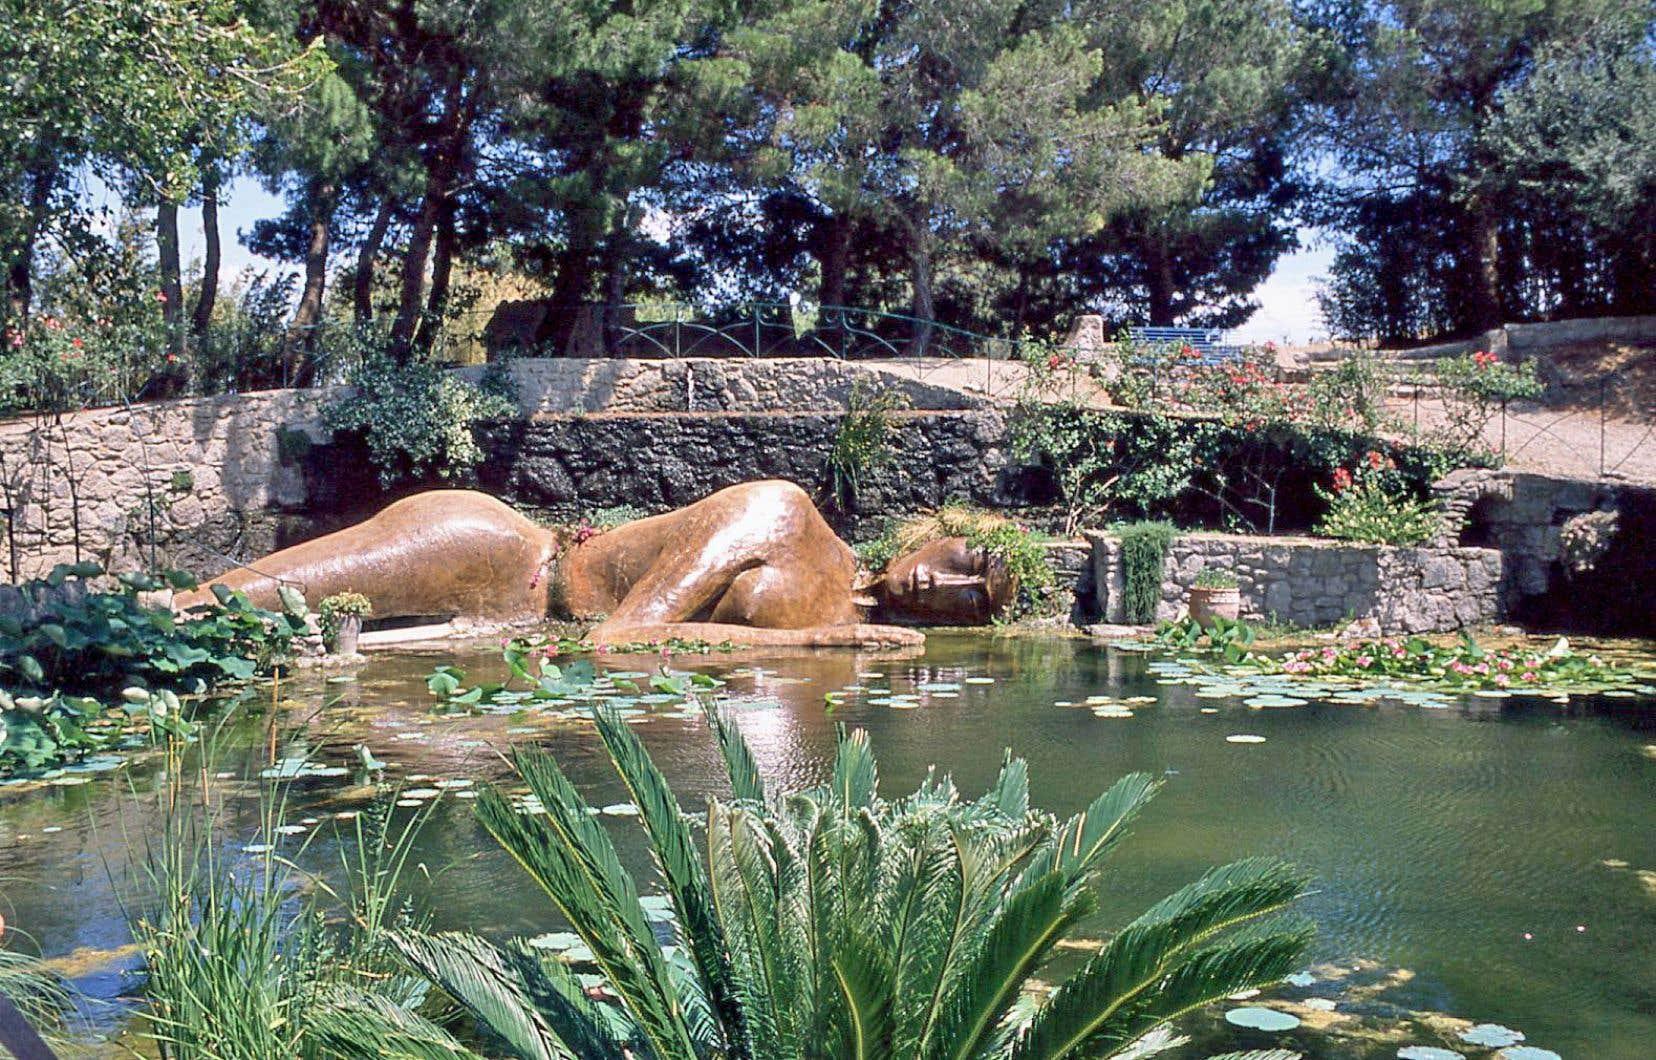 La fontaine de Philia, une sculpture représentant une jeune fille endormie au bord d'un bassin où flottent des lotus géants.<br />